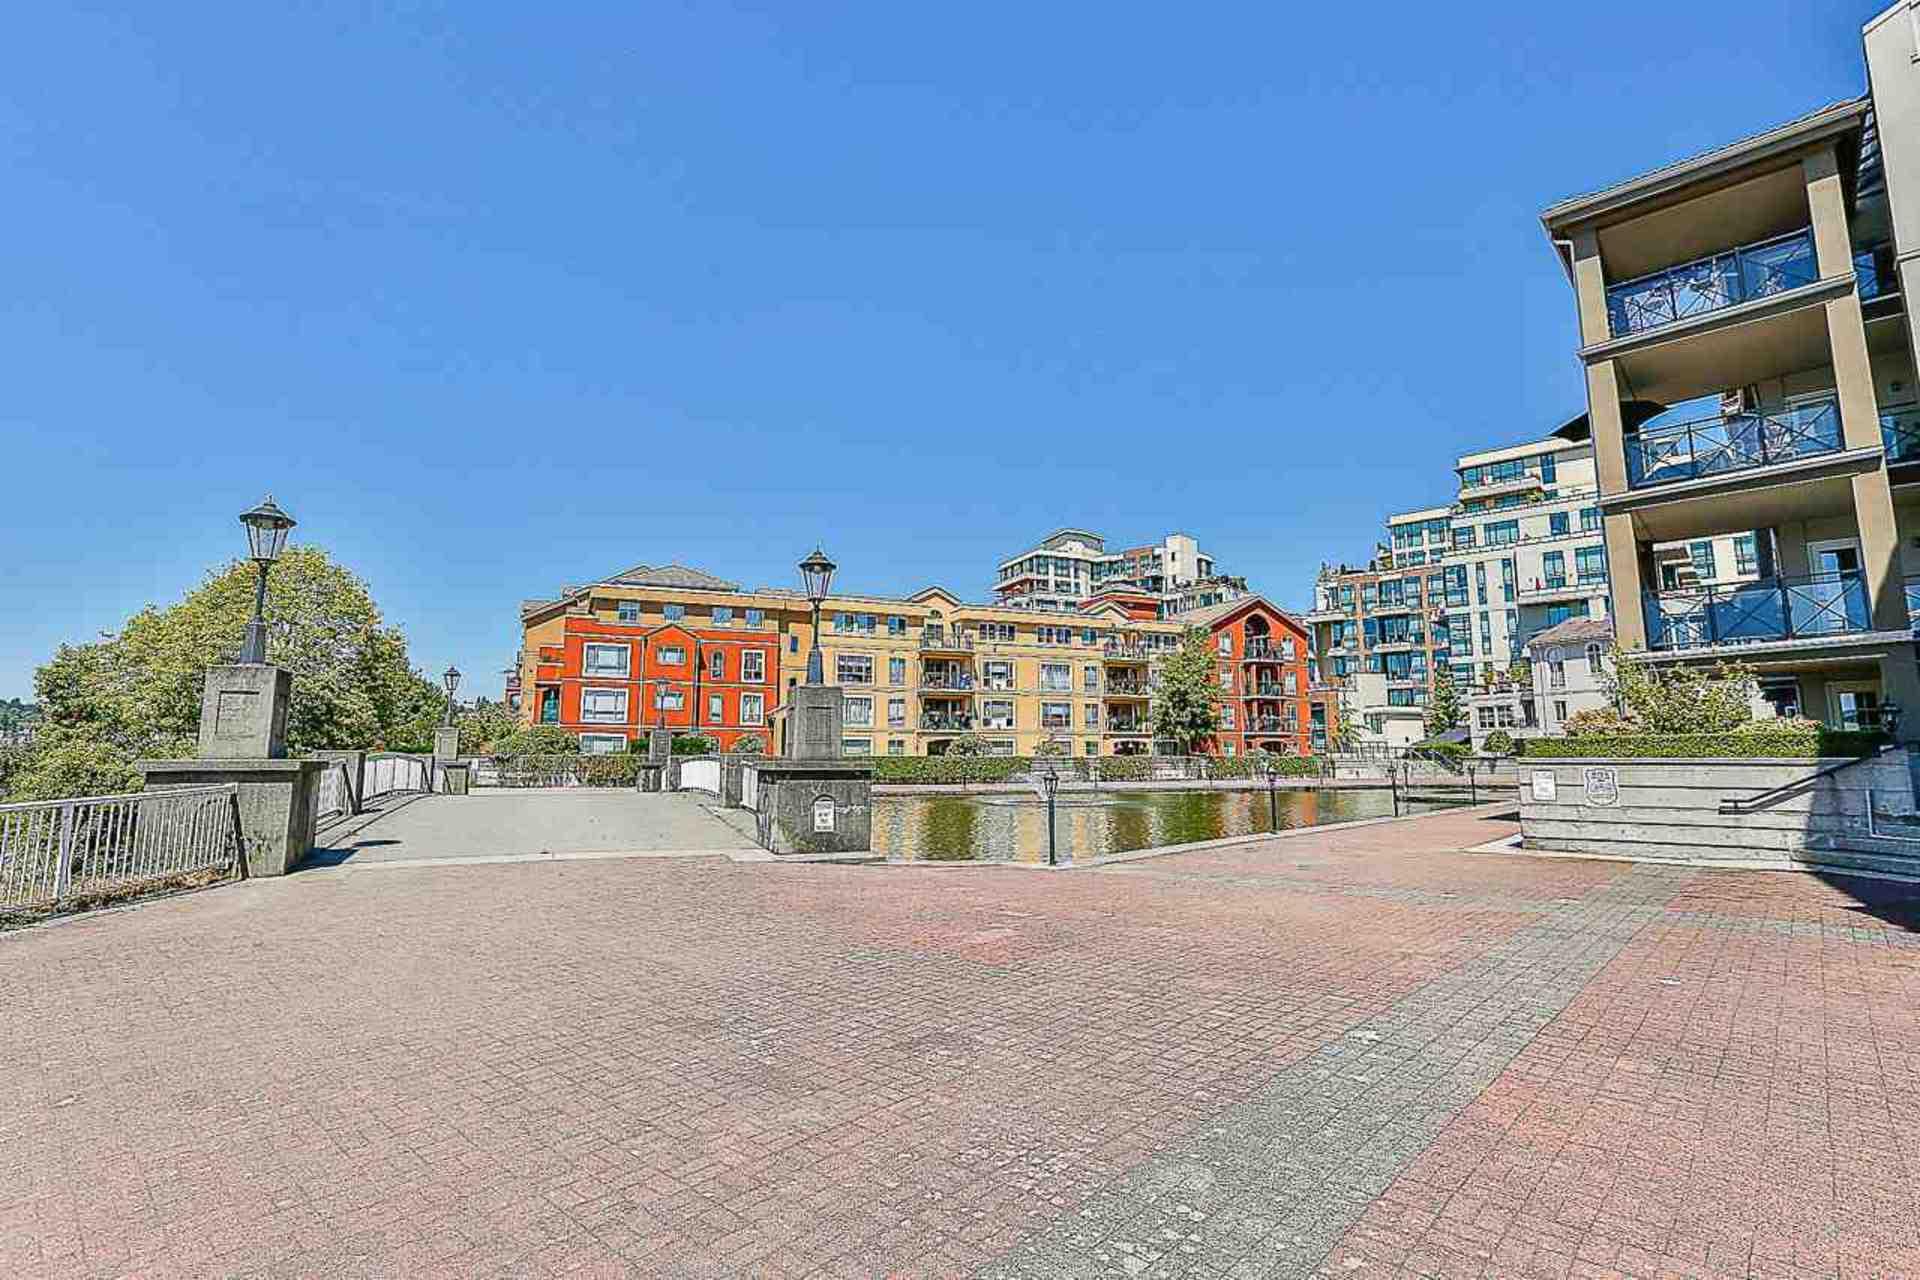 10-renaissance-square-quay-new-westminster-29 of 327 - 10 Renaissance Square, Quay, New Westminster